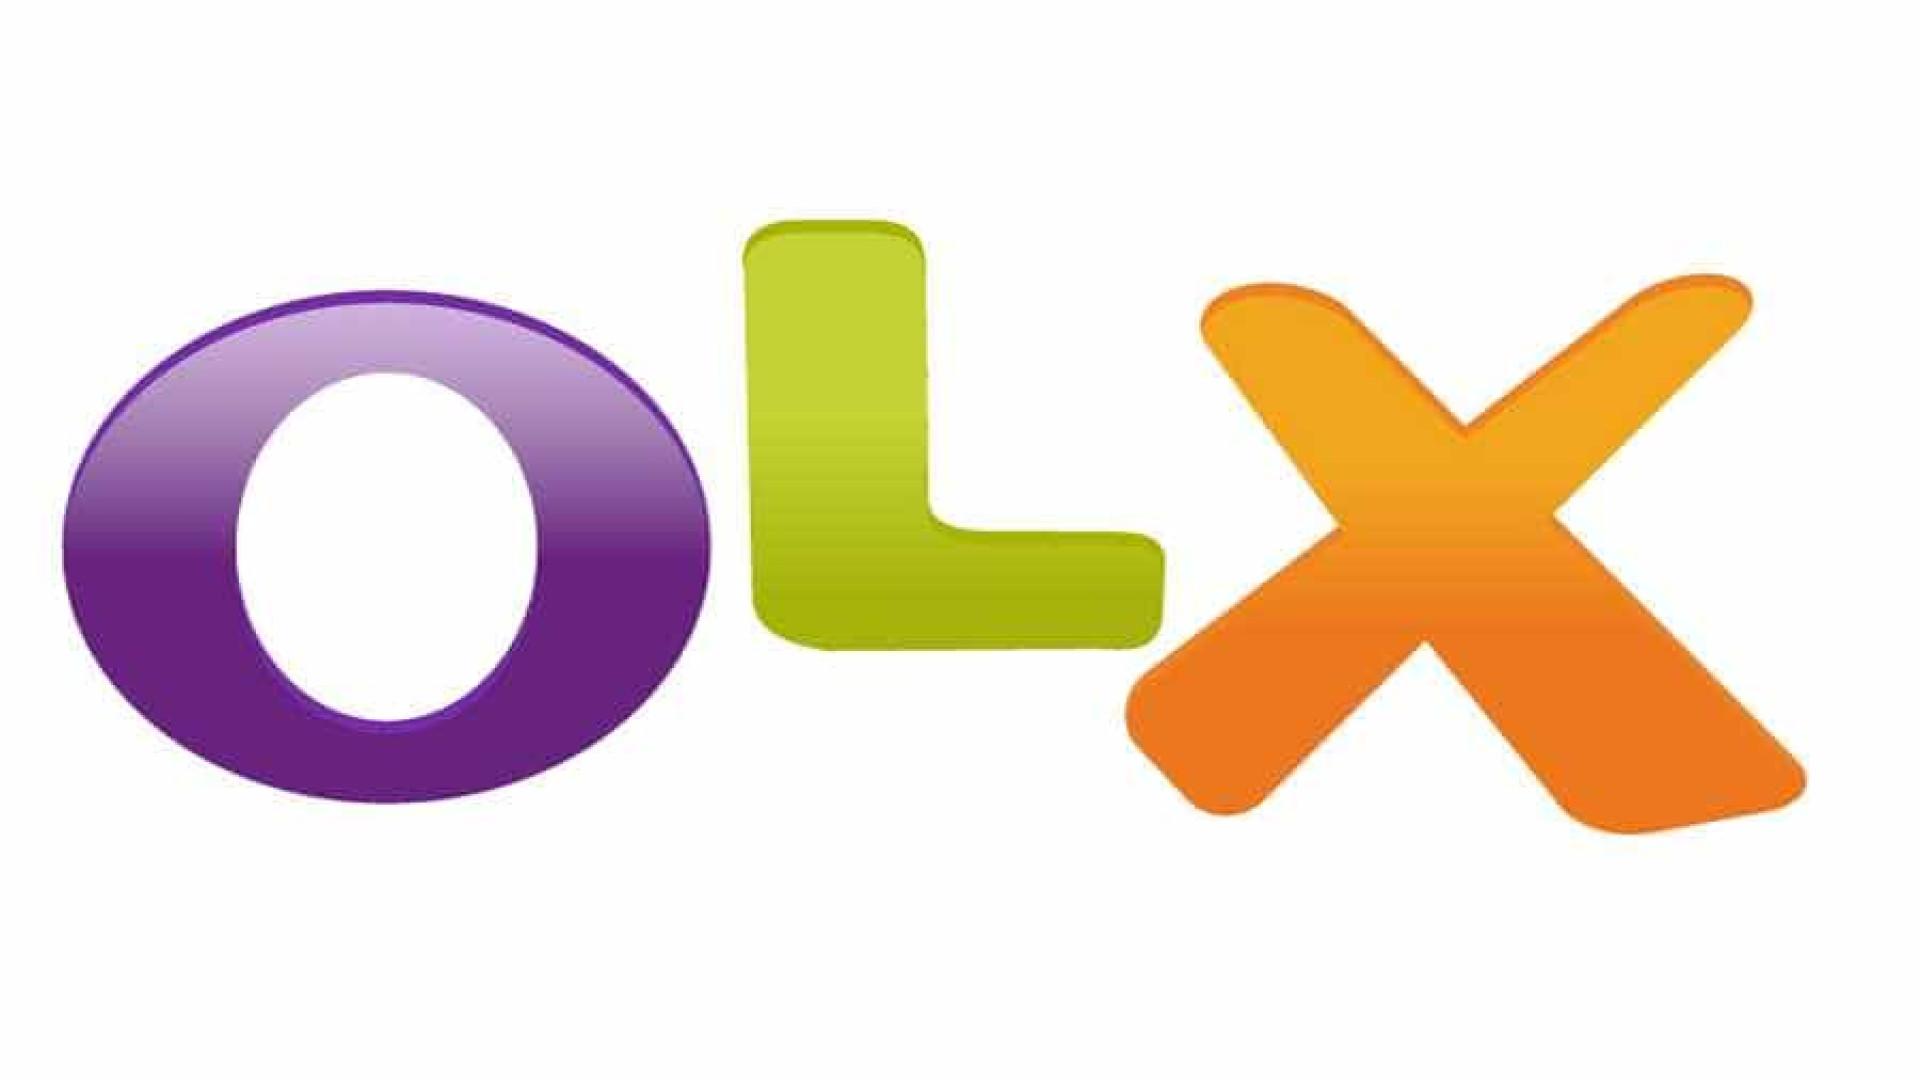 Reclamações sobre o site OLX disparam 50%